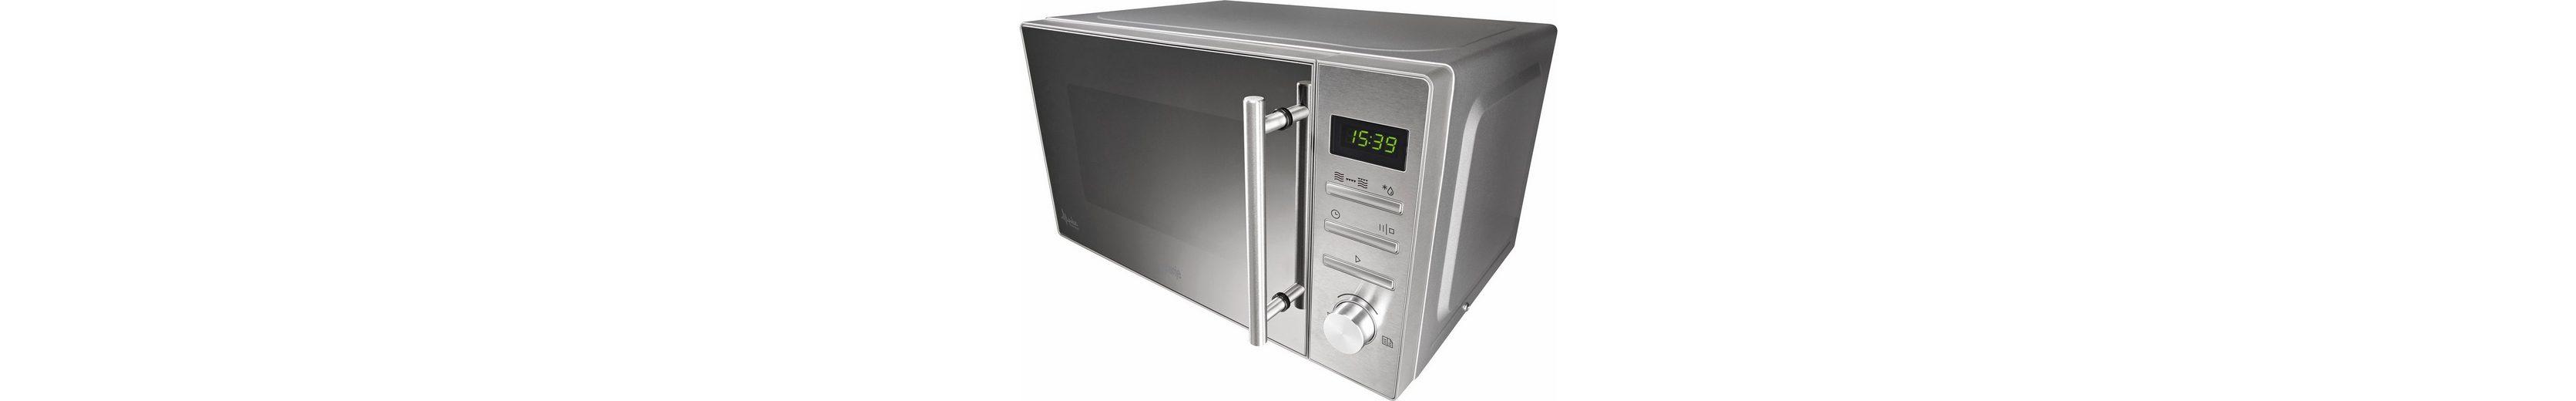 Gorenje Mikrowelle MMO20DGEII, mit Grill, 20 Liter Garraum, 800 Watt